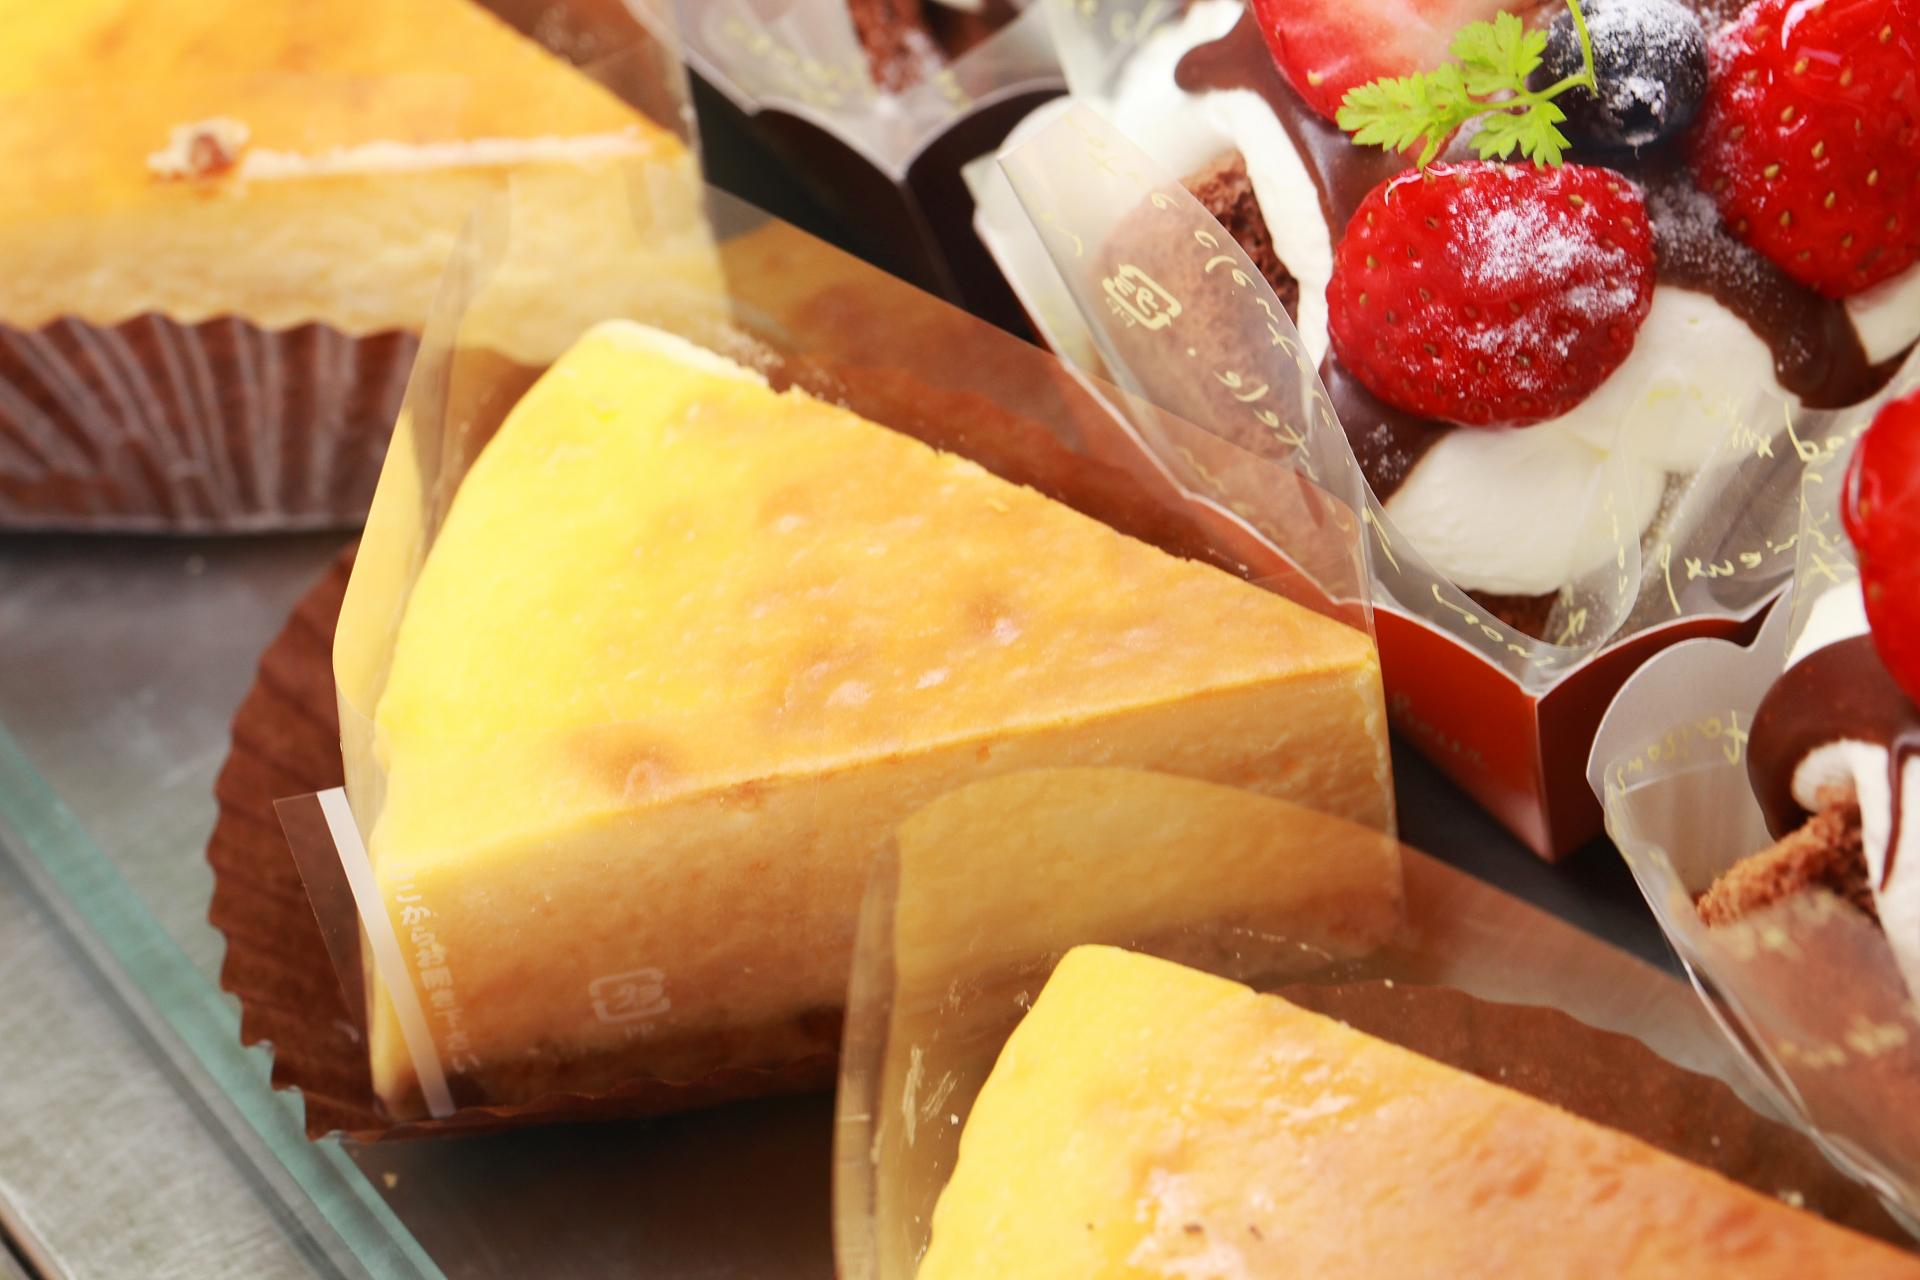 チーズケーキのおすすめ5選!個包装タイプも